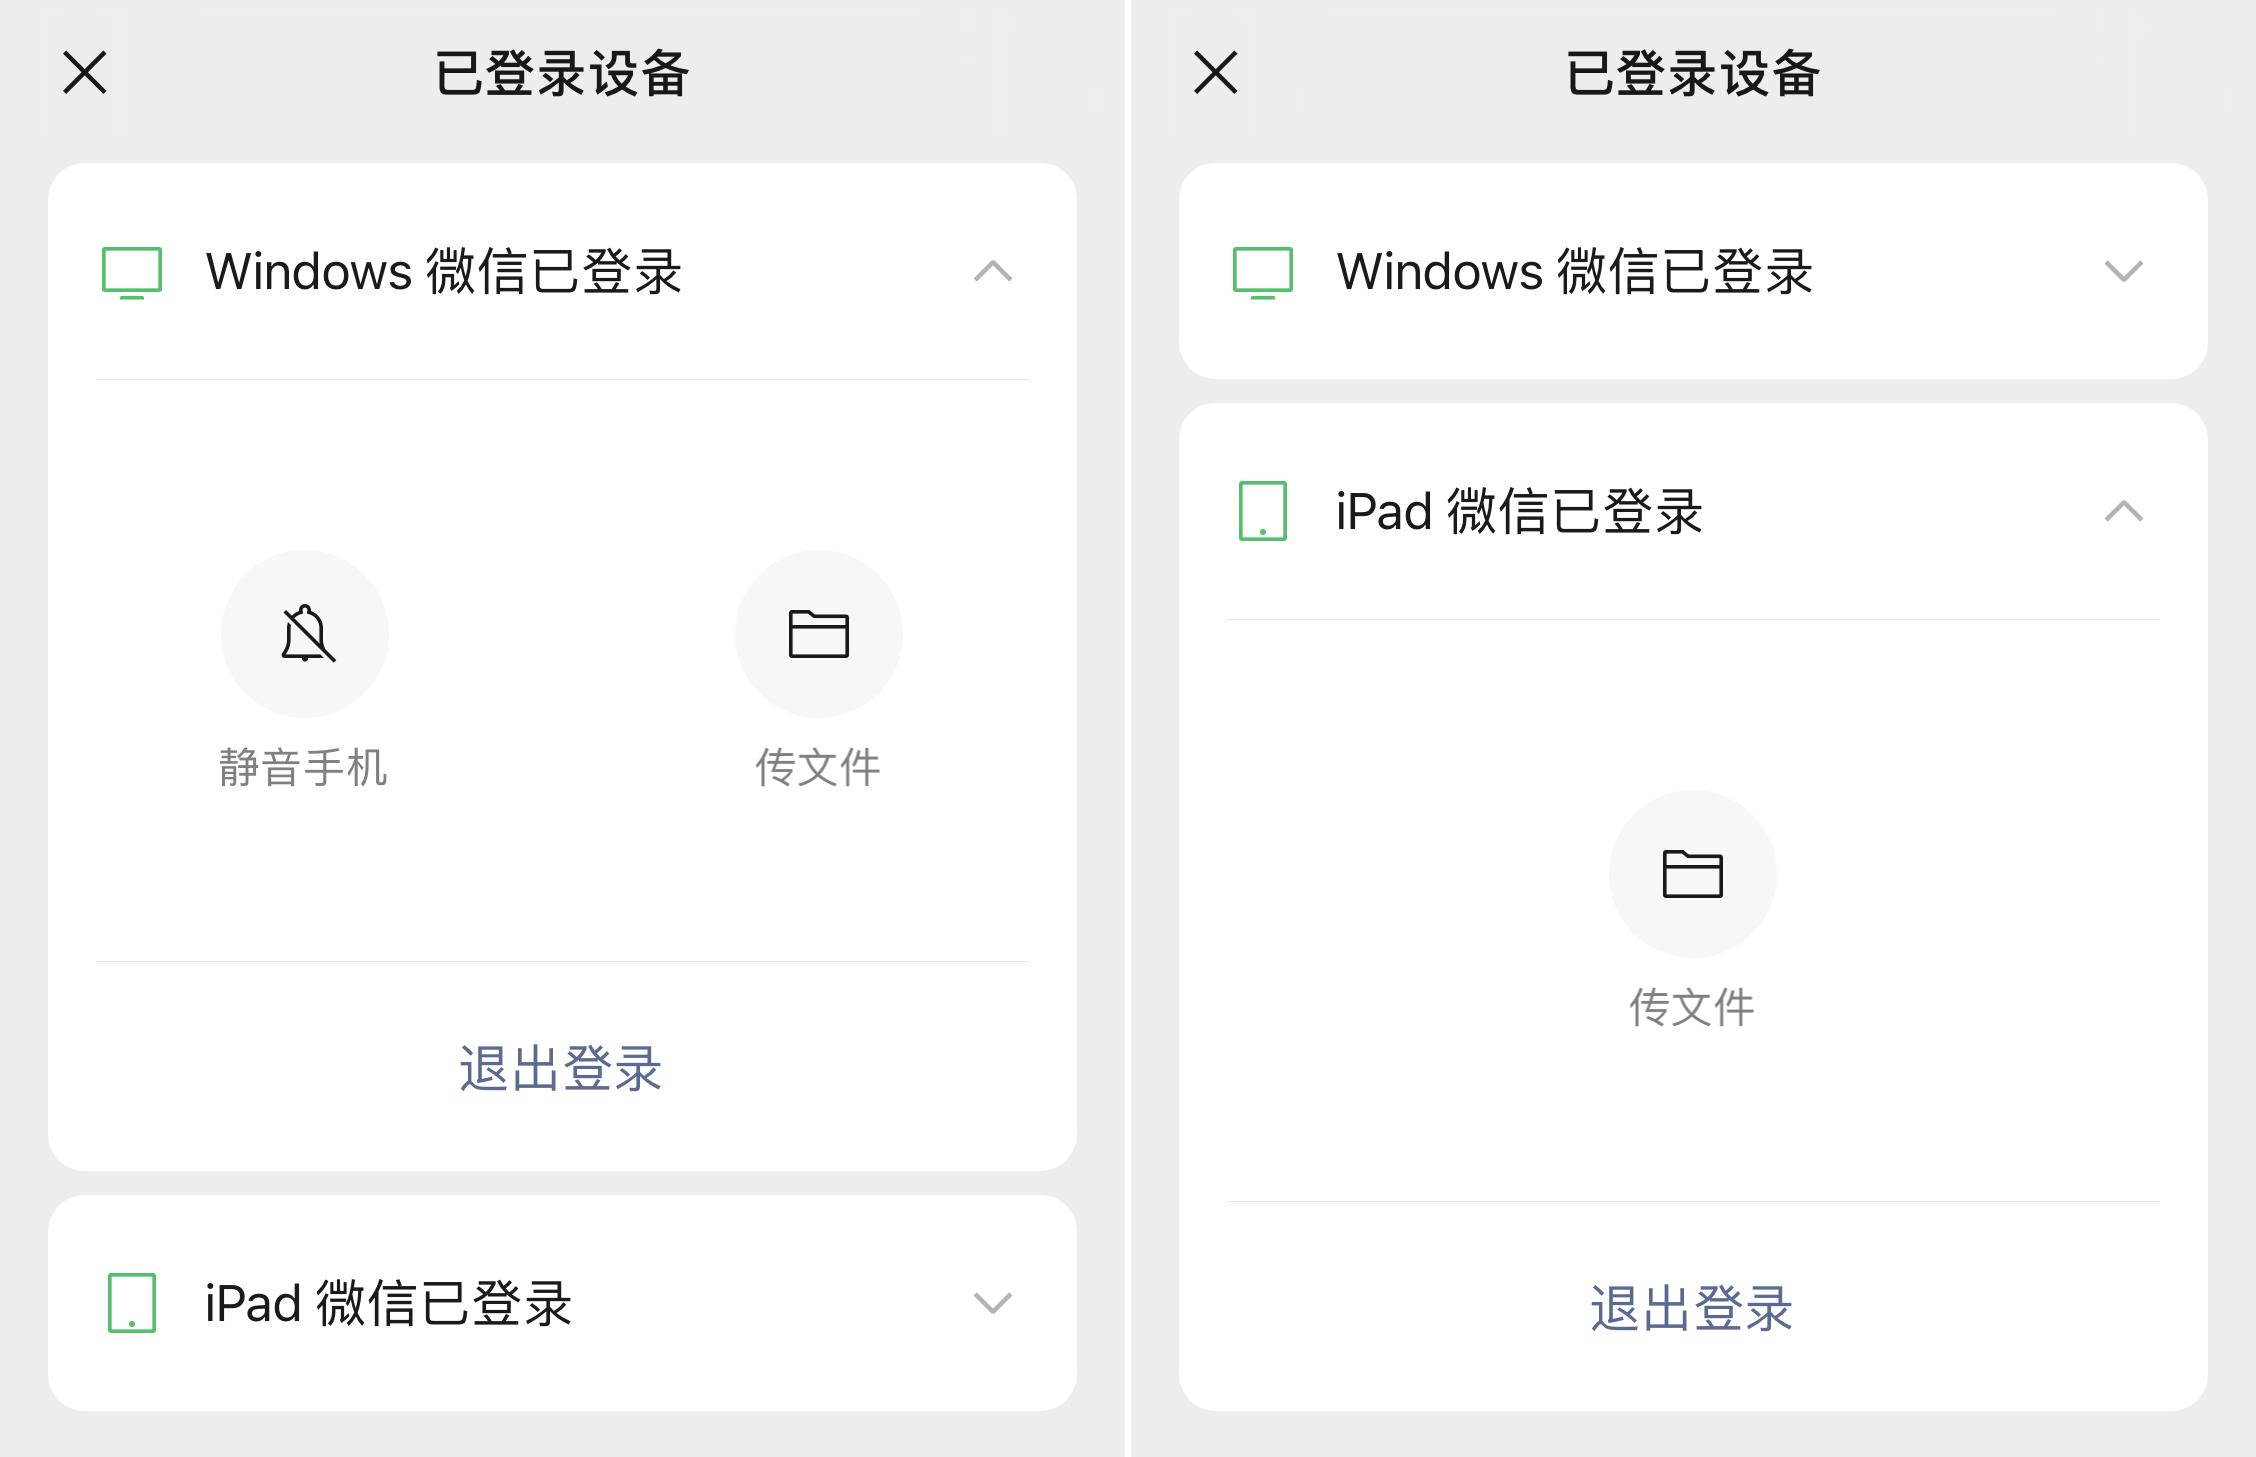 微信8.0.8正式版发布:微信彩铃来了,支持三设备同时在线